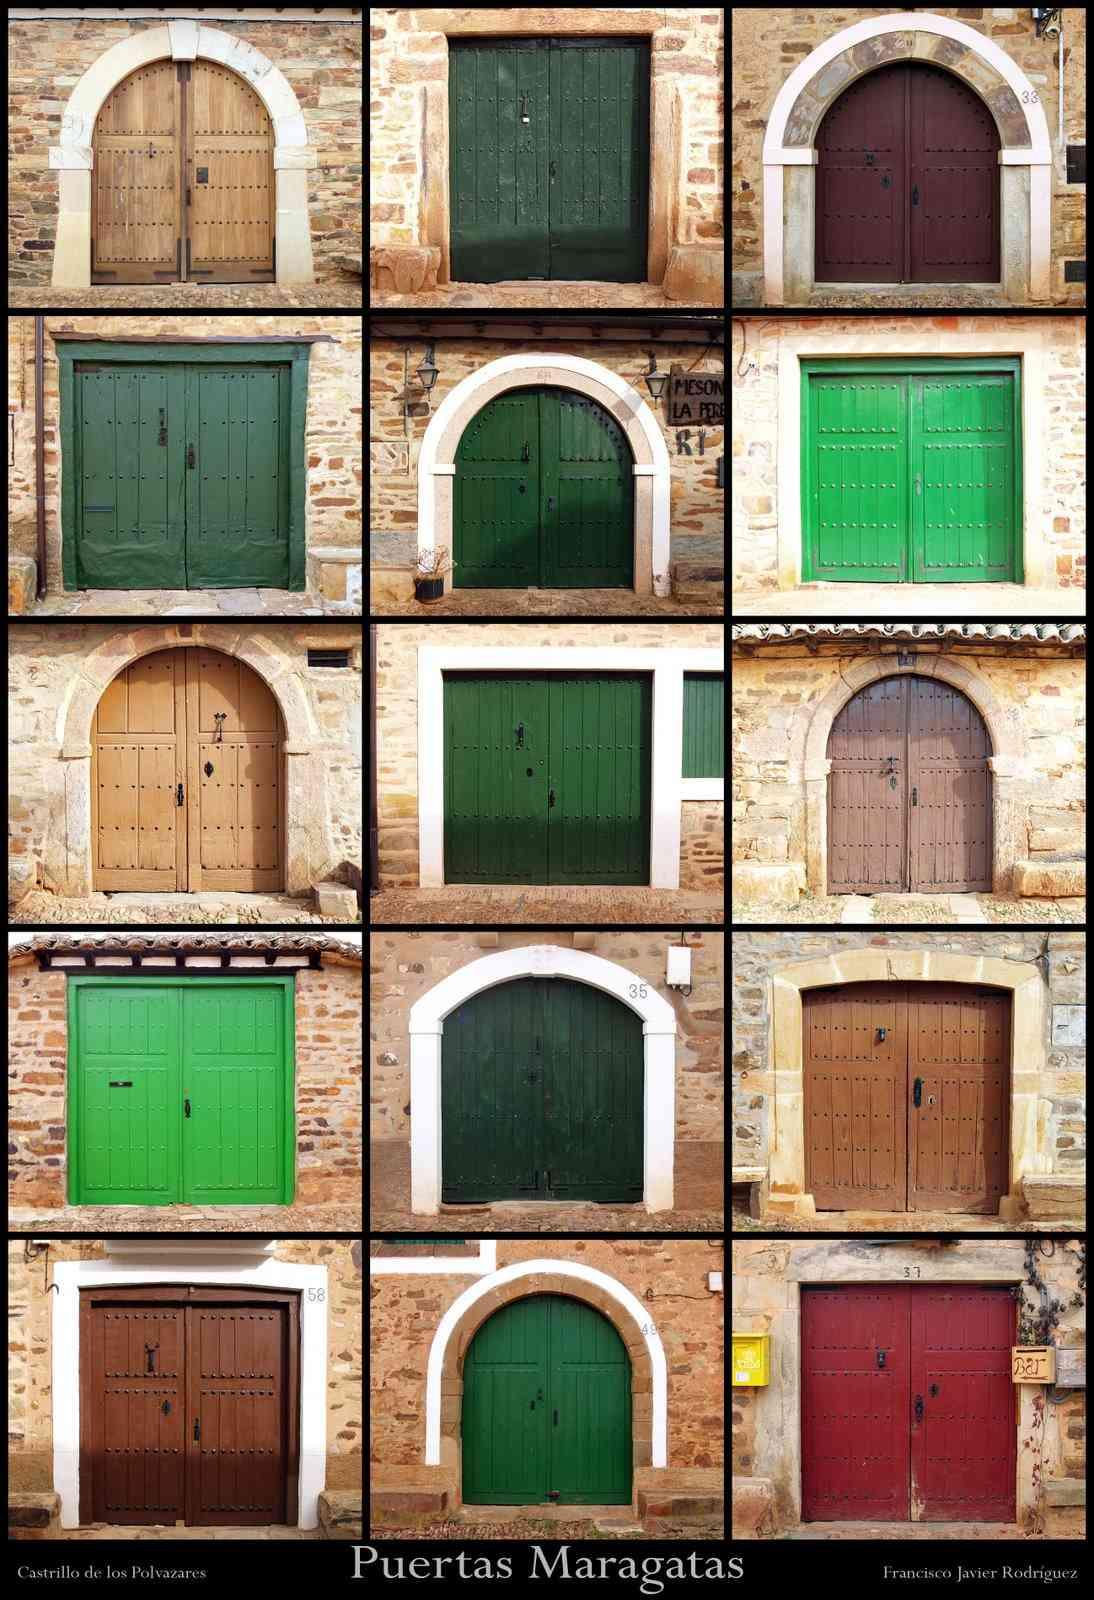 Puertas maragatas 1